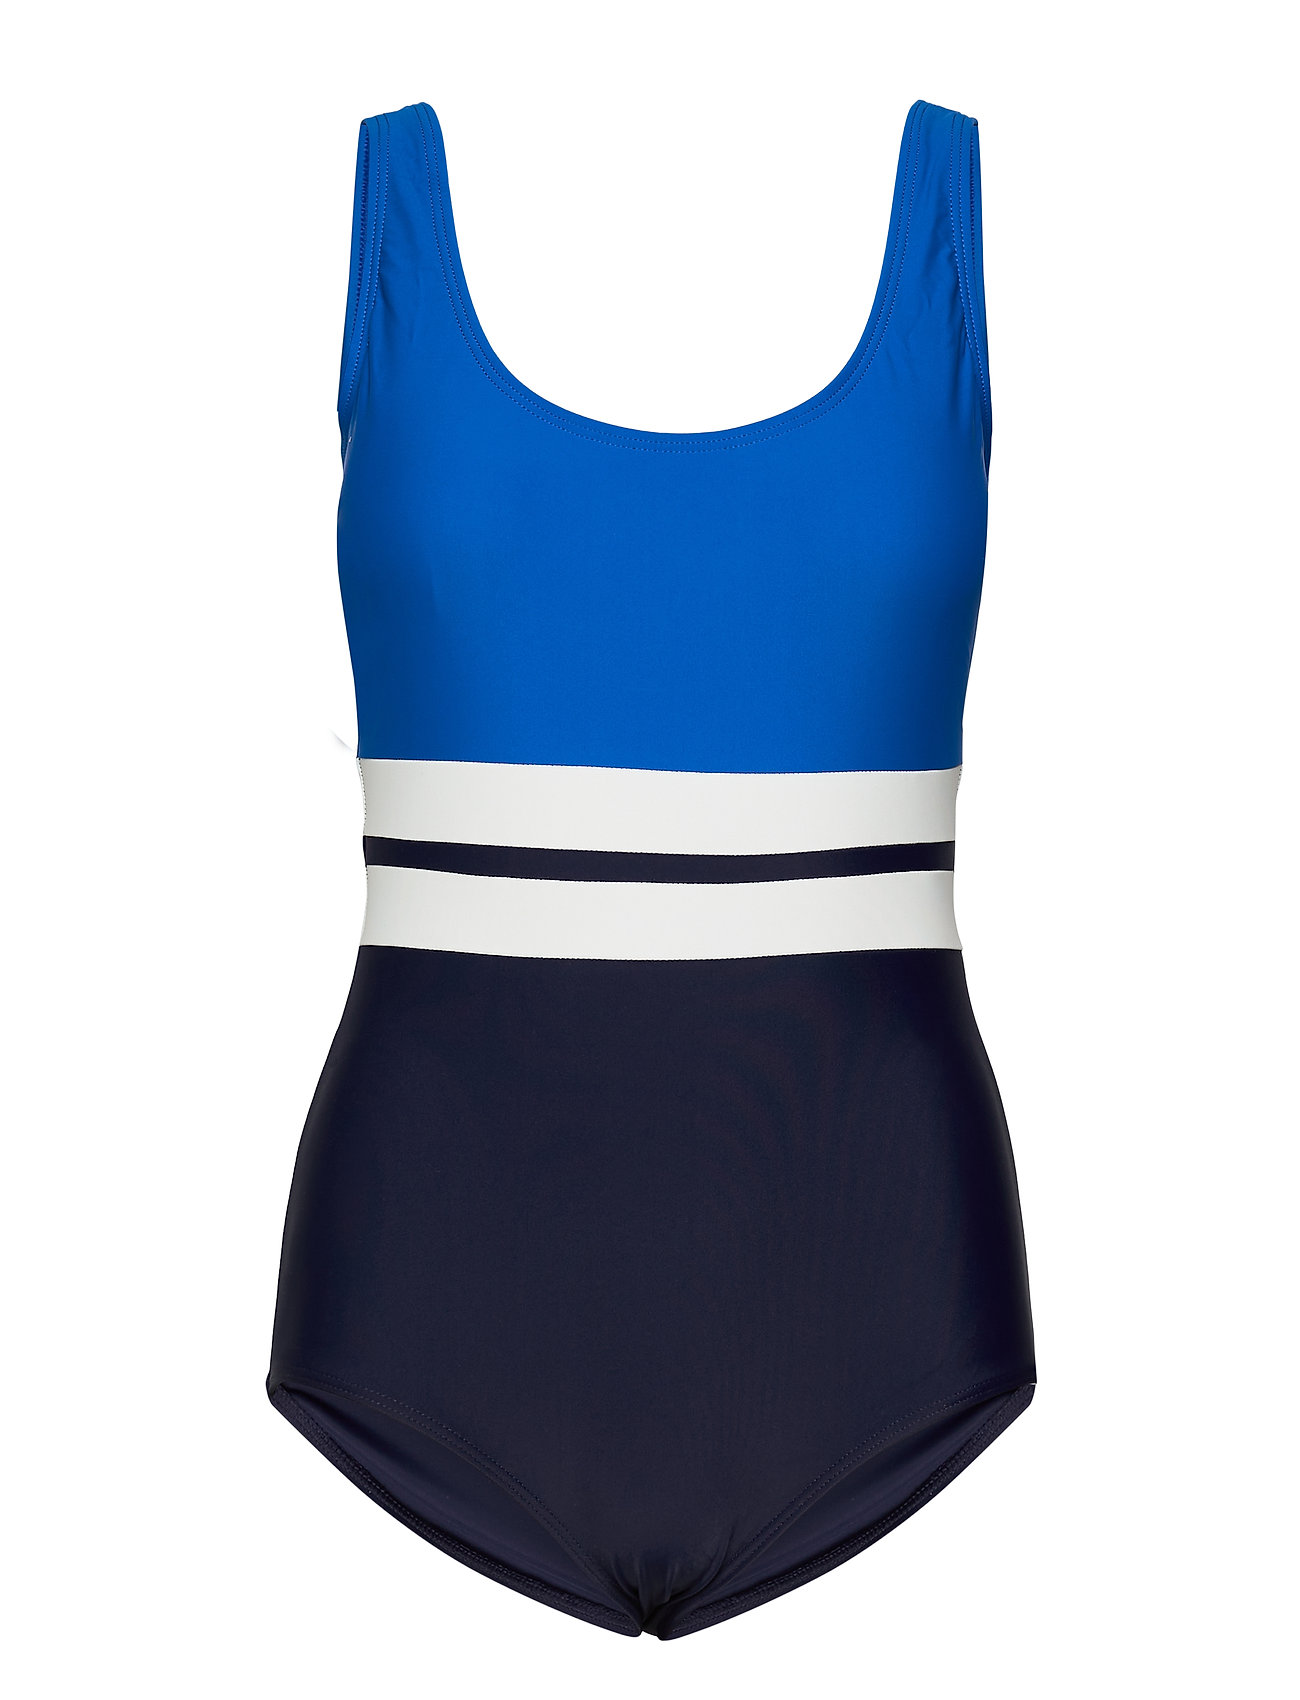 Image of Piquant Swimsuit Badedragt Badetøj Blå Abecita (3513850649)